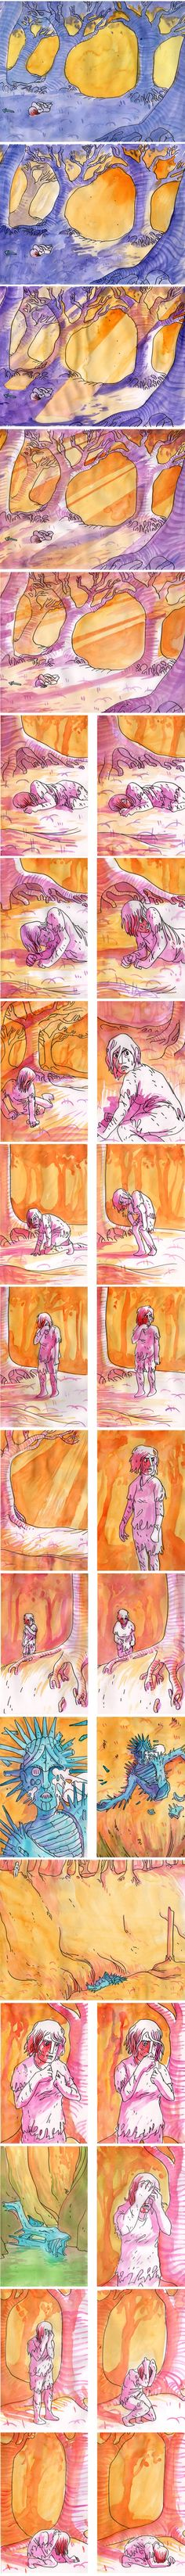 """""""Haunter"""" by Sam Alden pt. 5"""